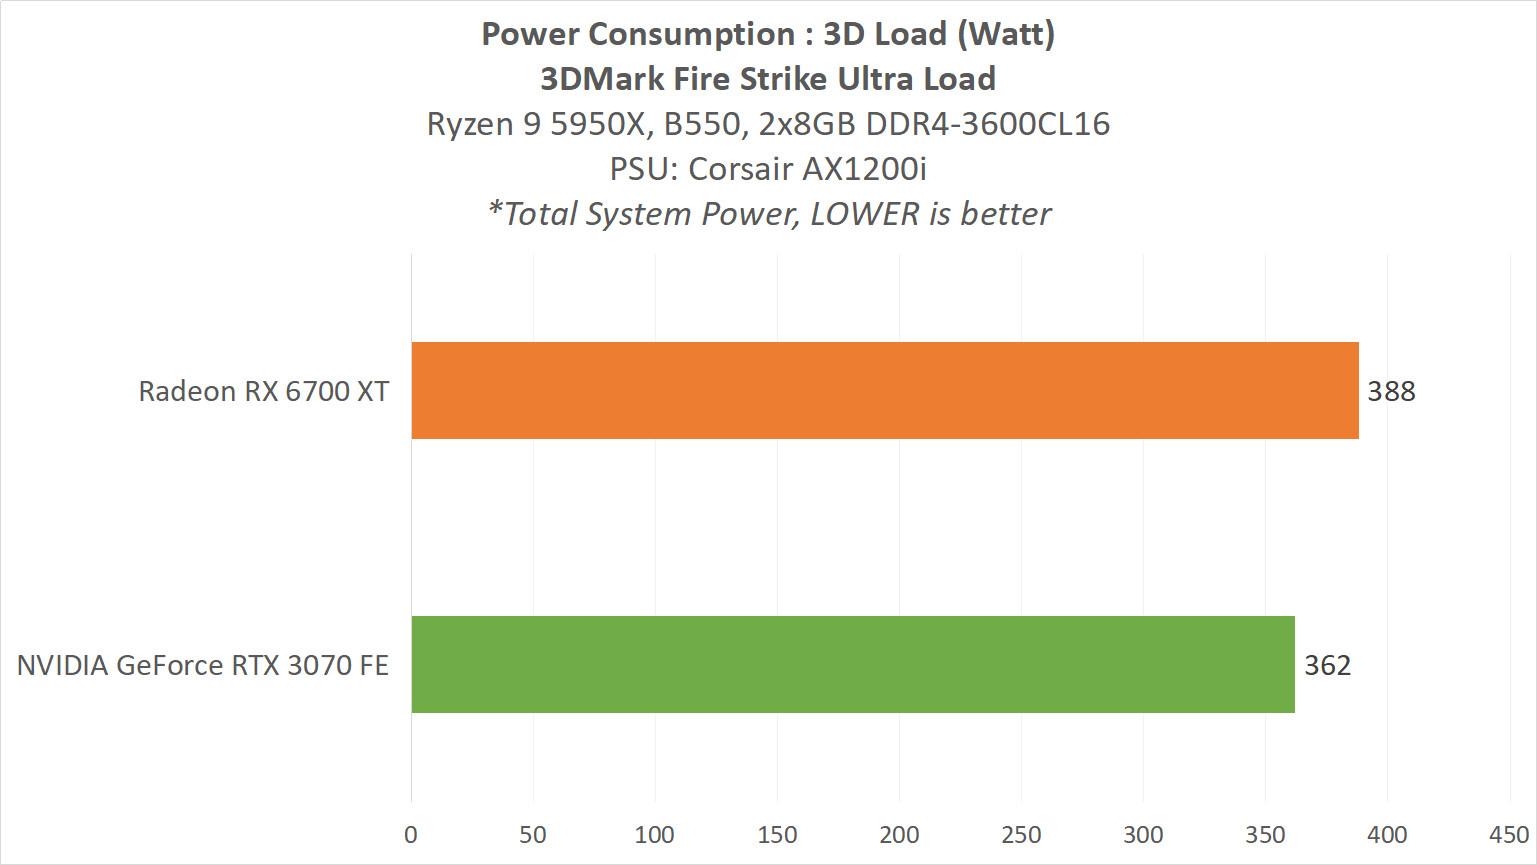 RX 6700 XT 12 POWER